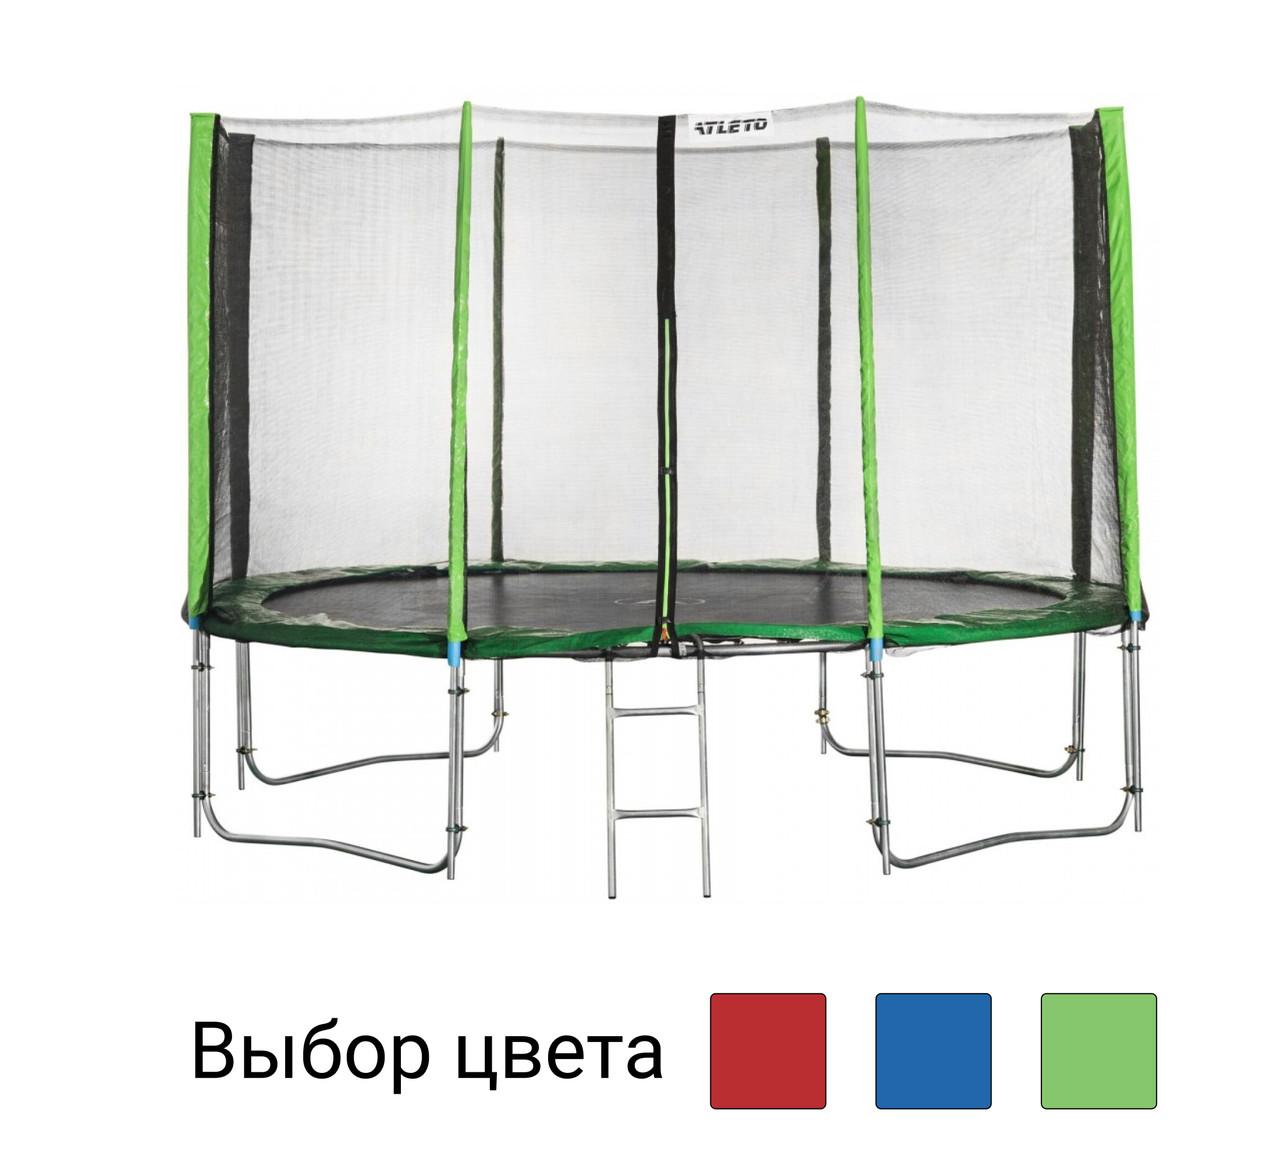 Батут спортивный Atleto 465 см с 5 двойными ногами внешней сеткой для детей и взрослых домашний уличный Зеленый